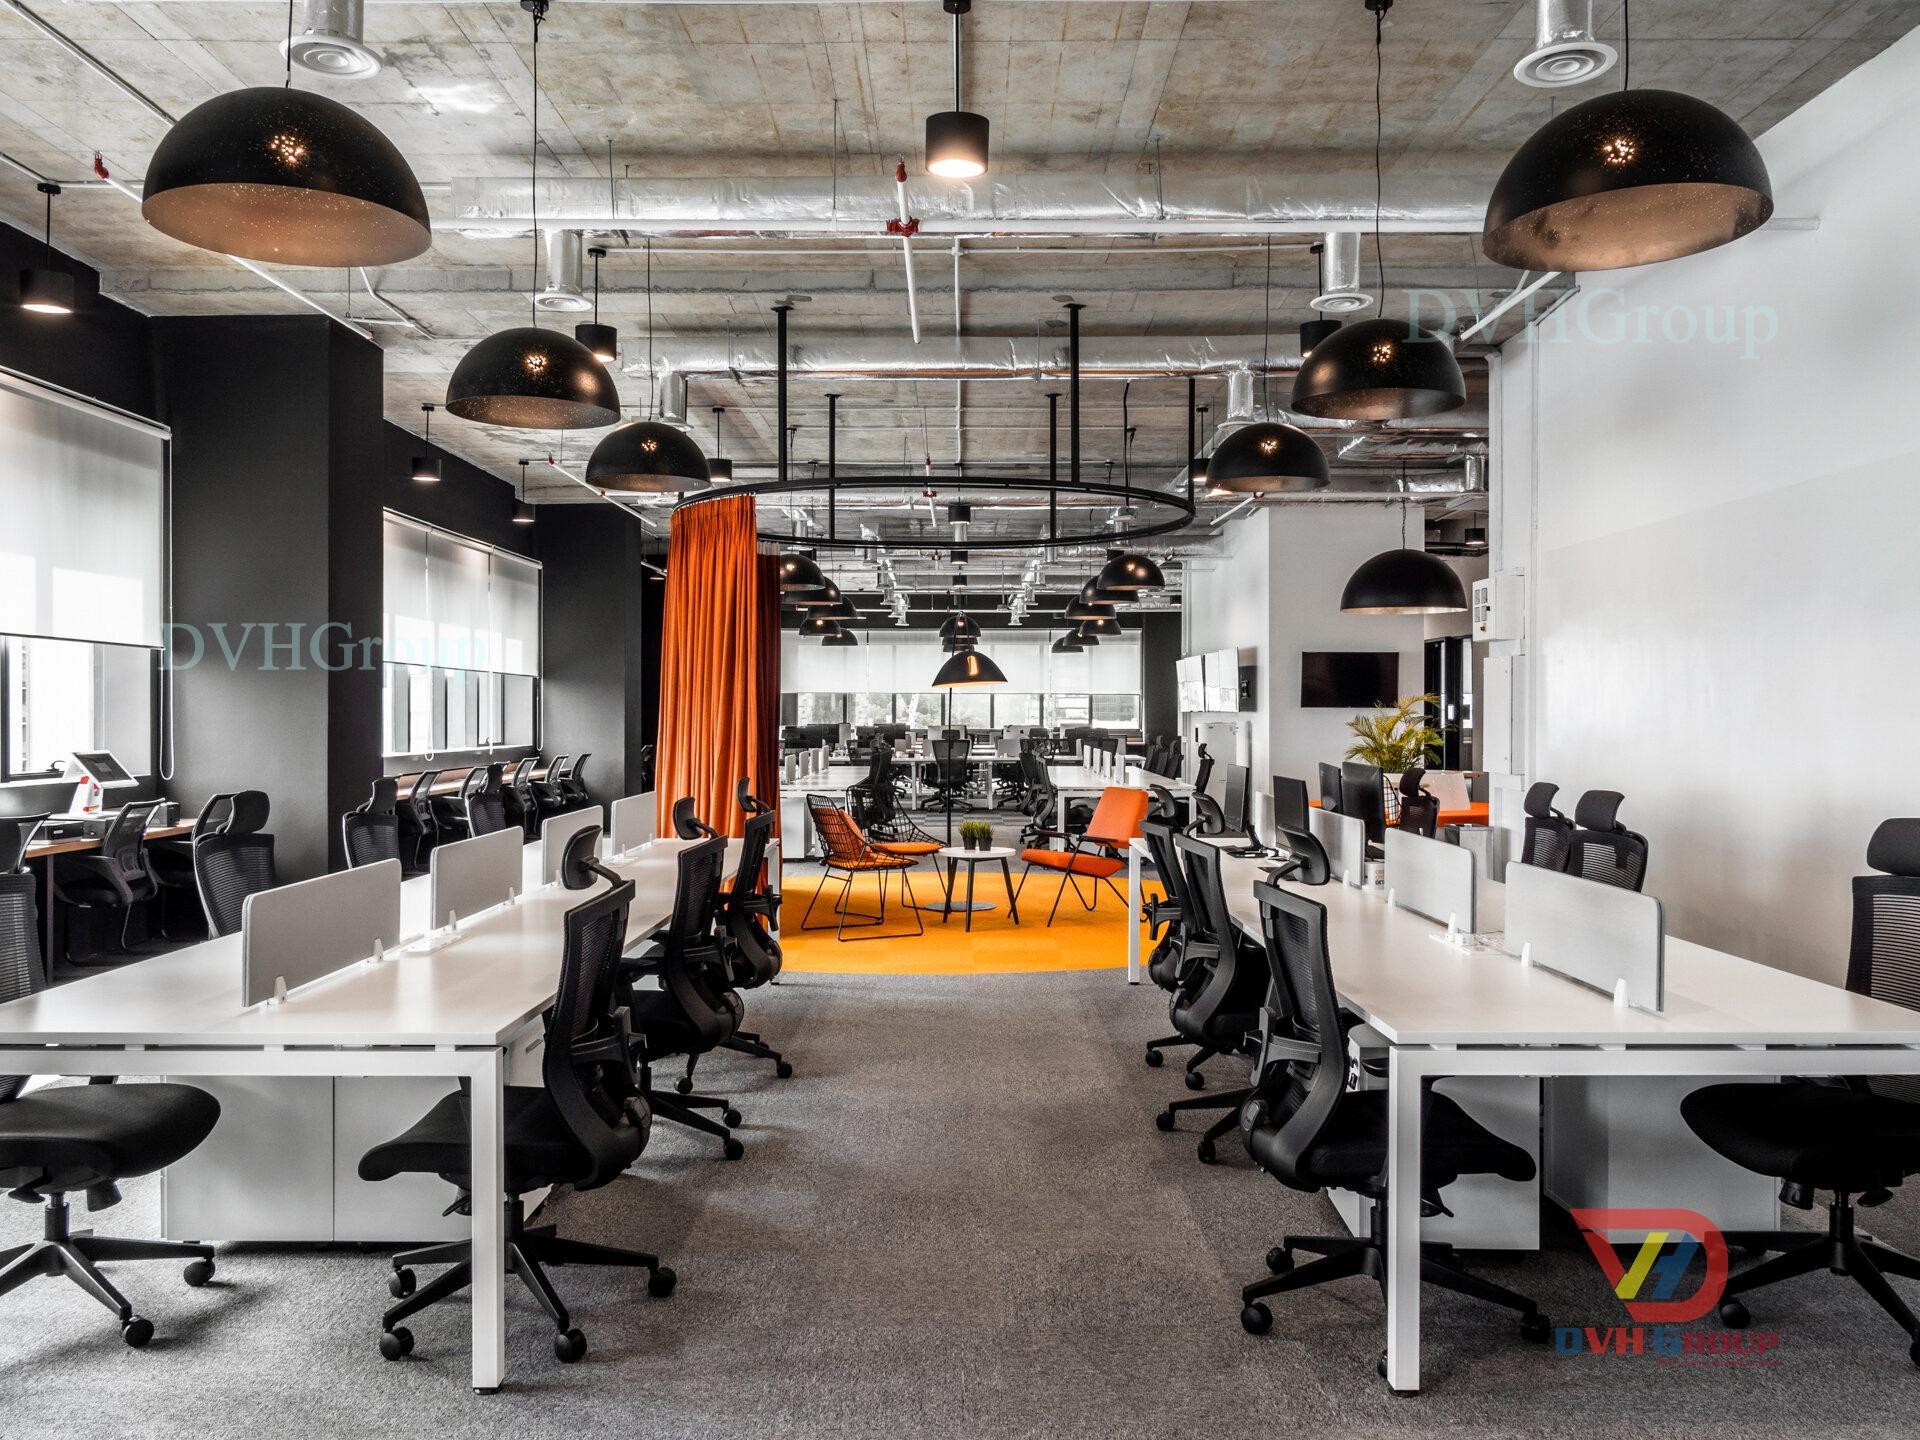 Thiết kế nội thất văn phòng tại Long An Hiện Đại Tinh Tế